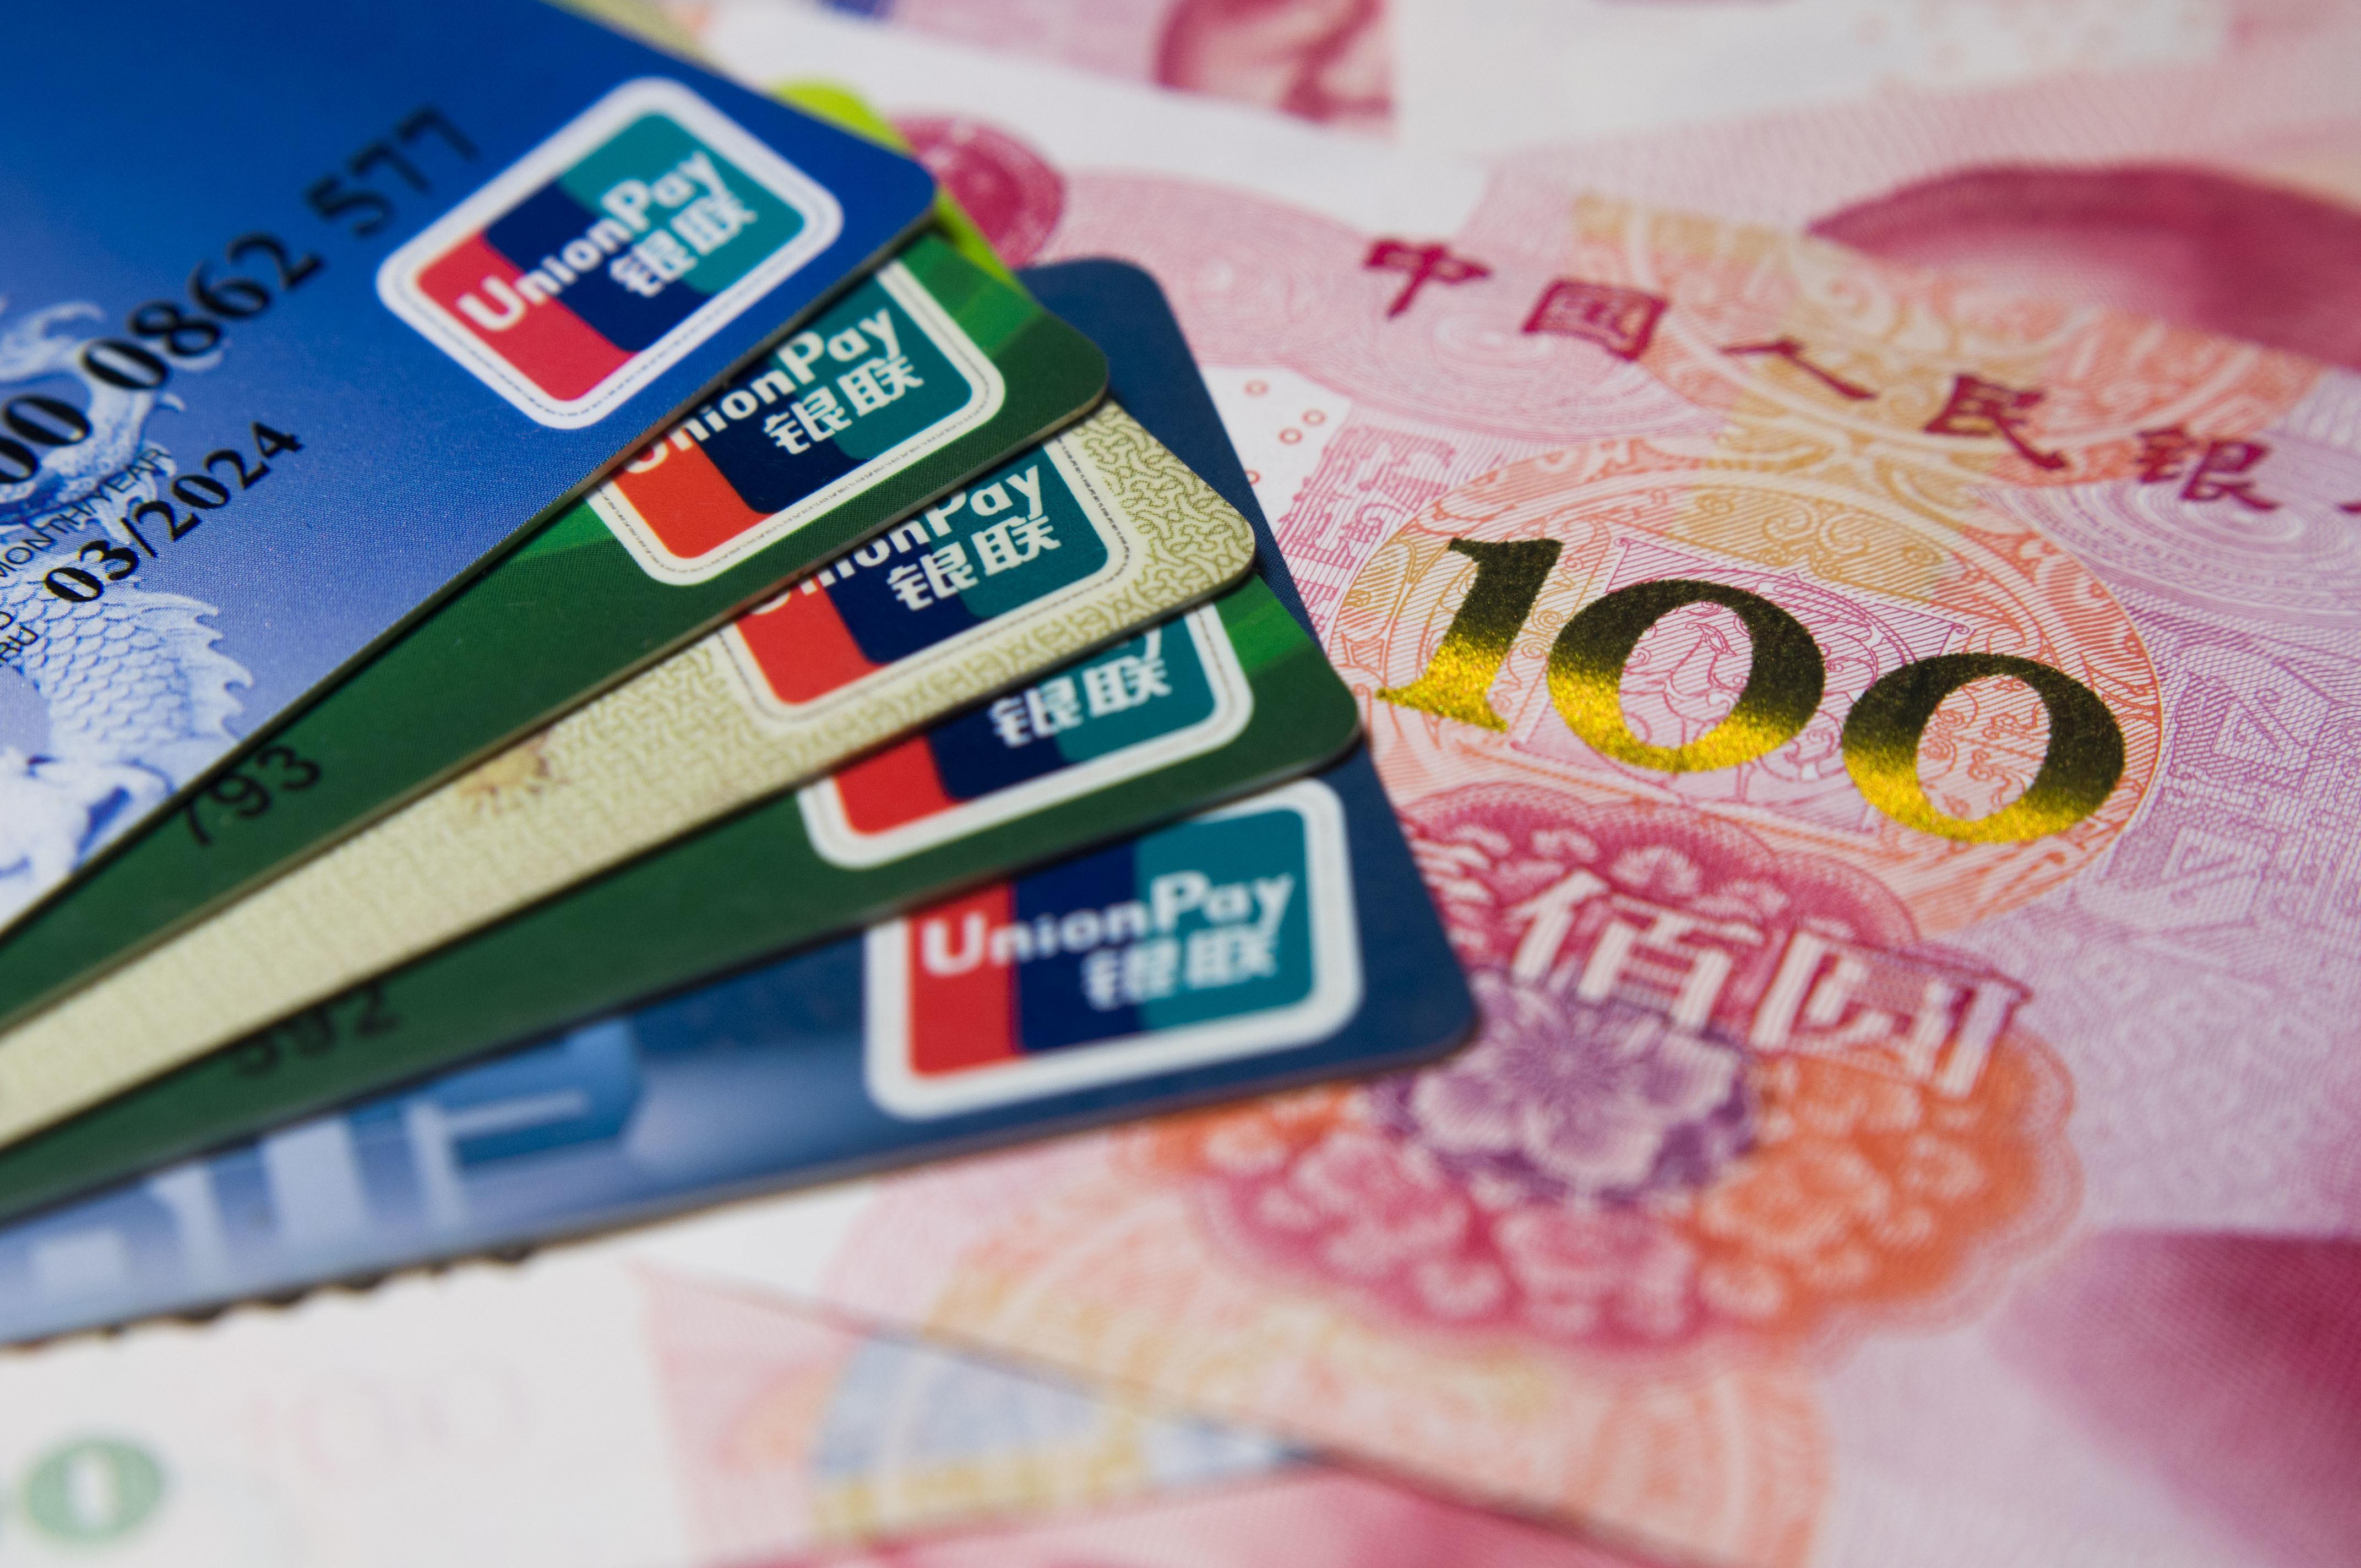 信用卡逾期数据增长,信用卡可能会被大批量降额?怎么预防?